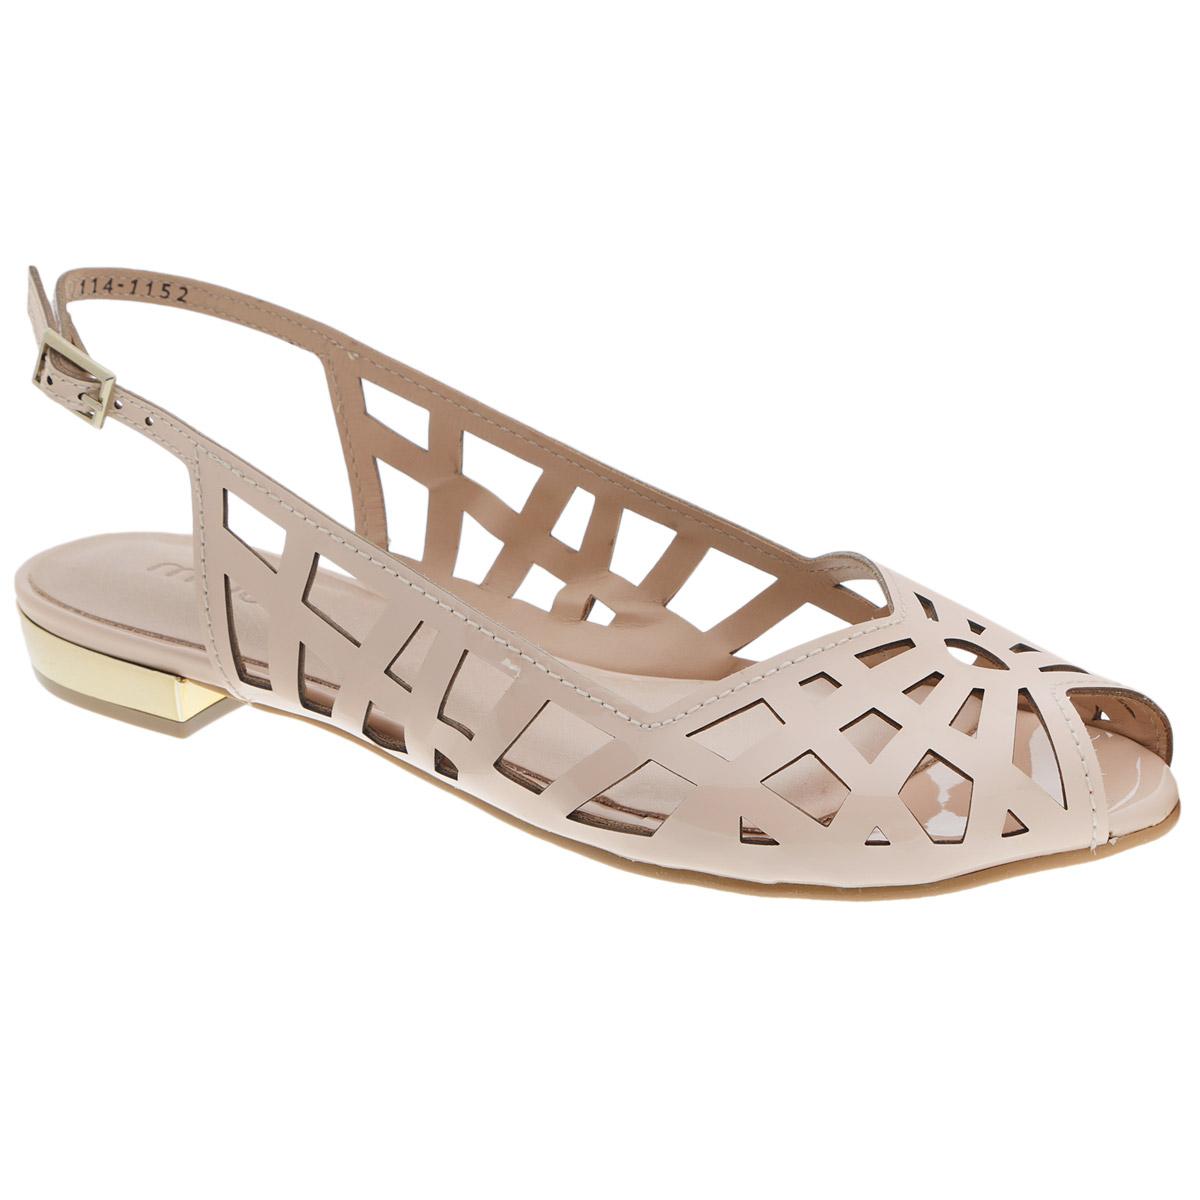 Босоножки. 114-1152114-1152Стильные босоножки от Miucha займут достойное место среди вашей коллекции летней обуви. Модель выполнена из натуральной лакированной кожи и оформлена крупным перфорированным узором. Носок с V-образным вырезом и открытый задник обеспечивают дополнительную вентиляцию, позволяют ногам дышать. Ремешок с металлической пряжкой прямоугольной формы отвечает за надежную фиксацию модели на ноге. Длина ремешка регулируется за счет болта. Стелька из натуральной кожи гарантирует комфорт при ходьбе. Верхняя часть каблука декорирована по контуру золотистой вставкой. Рифление на каблуке и на подошве защищает изделие от скольжения. Прелестные босоножки очаруют вас своим дизайном с первого взгляда.